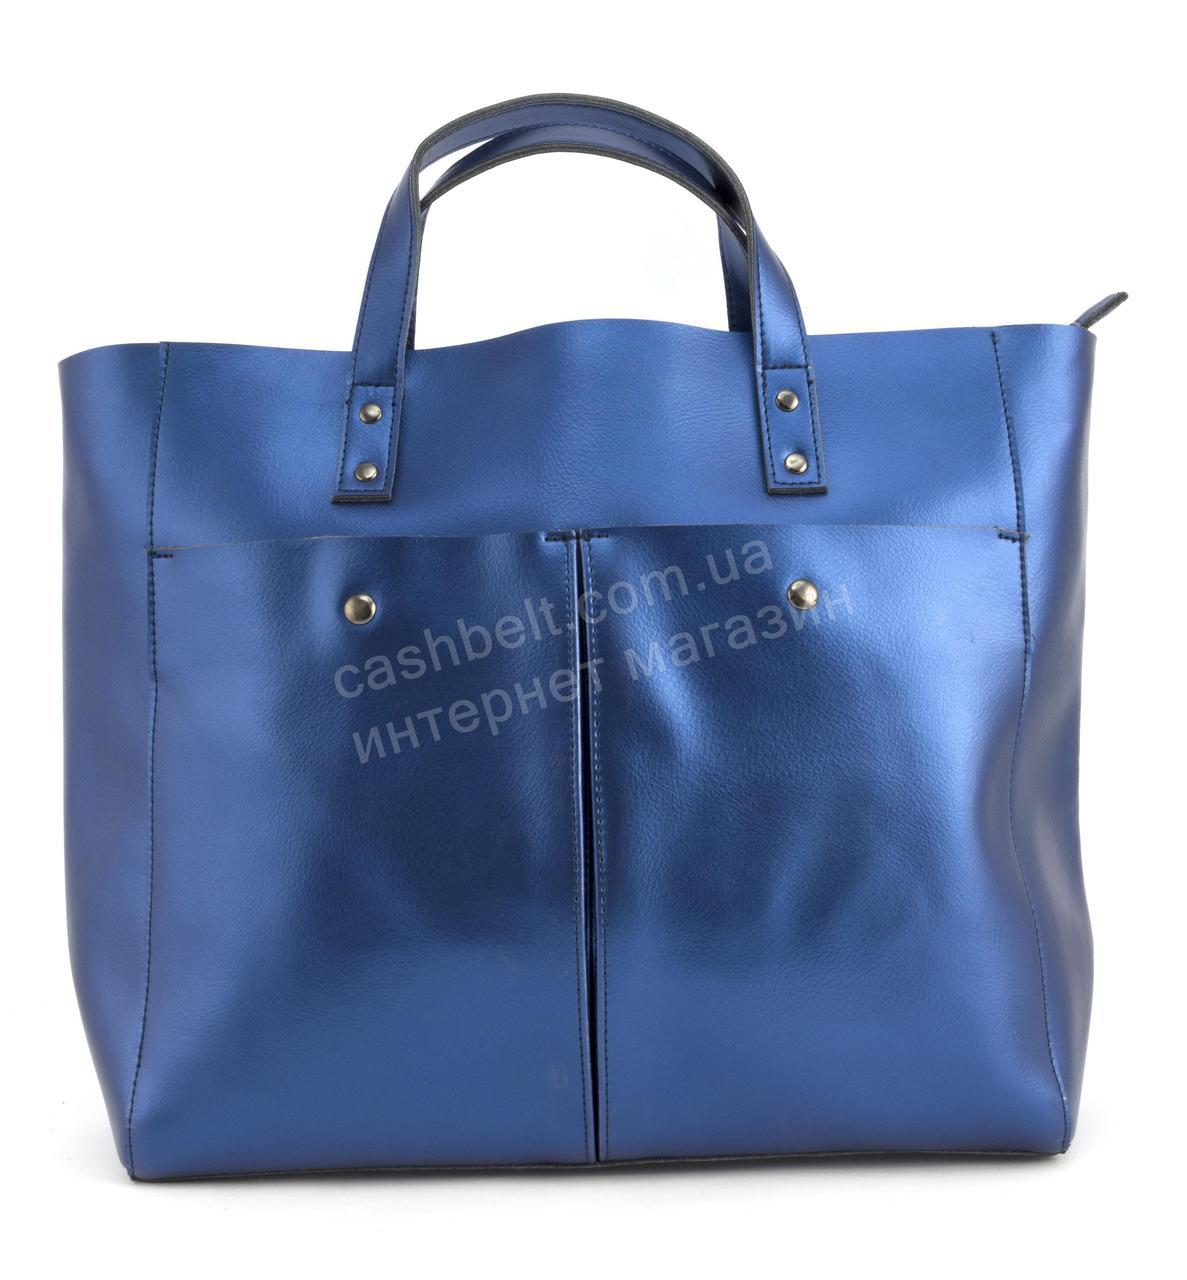 Вместительная стильная прочная кожаная качественная женская сумка GALANTY art. 687 Турция синий перламутр